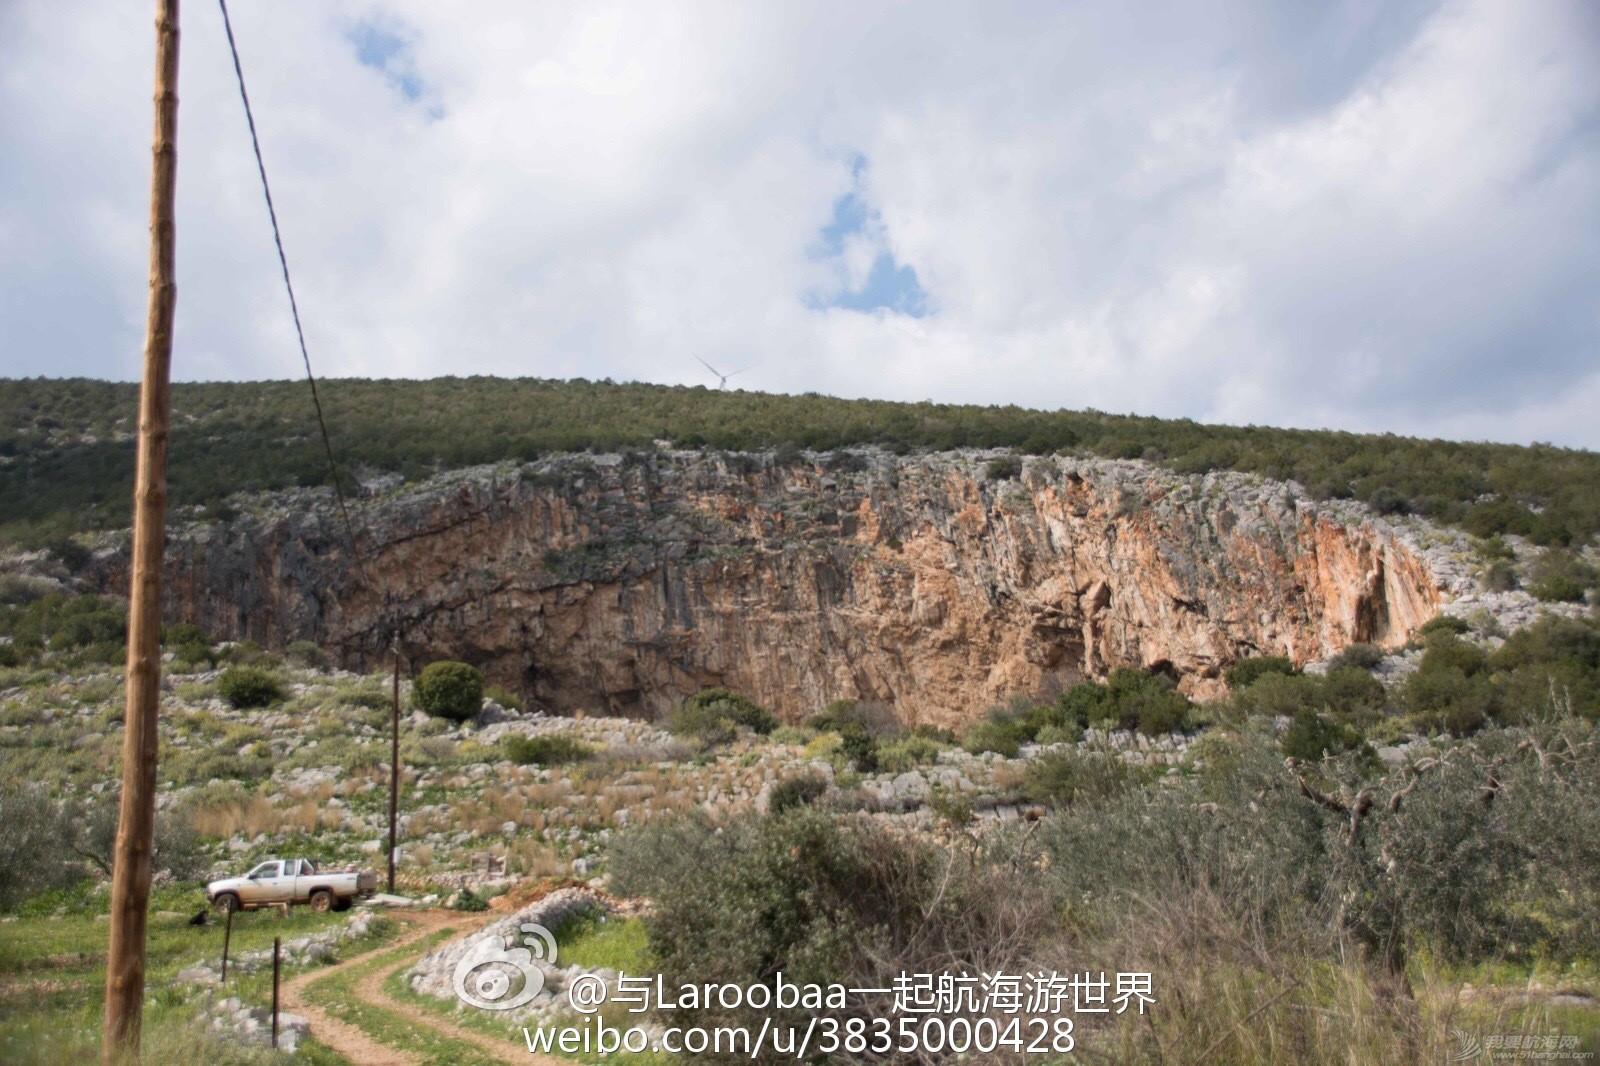 希腊,牧羊犬,宠物狗,牧羊人,石灰岩 参观希腊著名的迪迪玛教堂岩洞遭遇牧羊犬 e495766cjw1eq74squk1cj218g0tmwsd.jpg